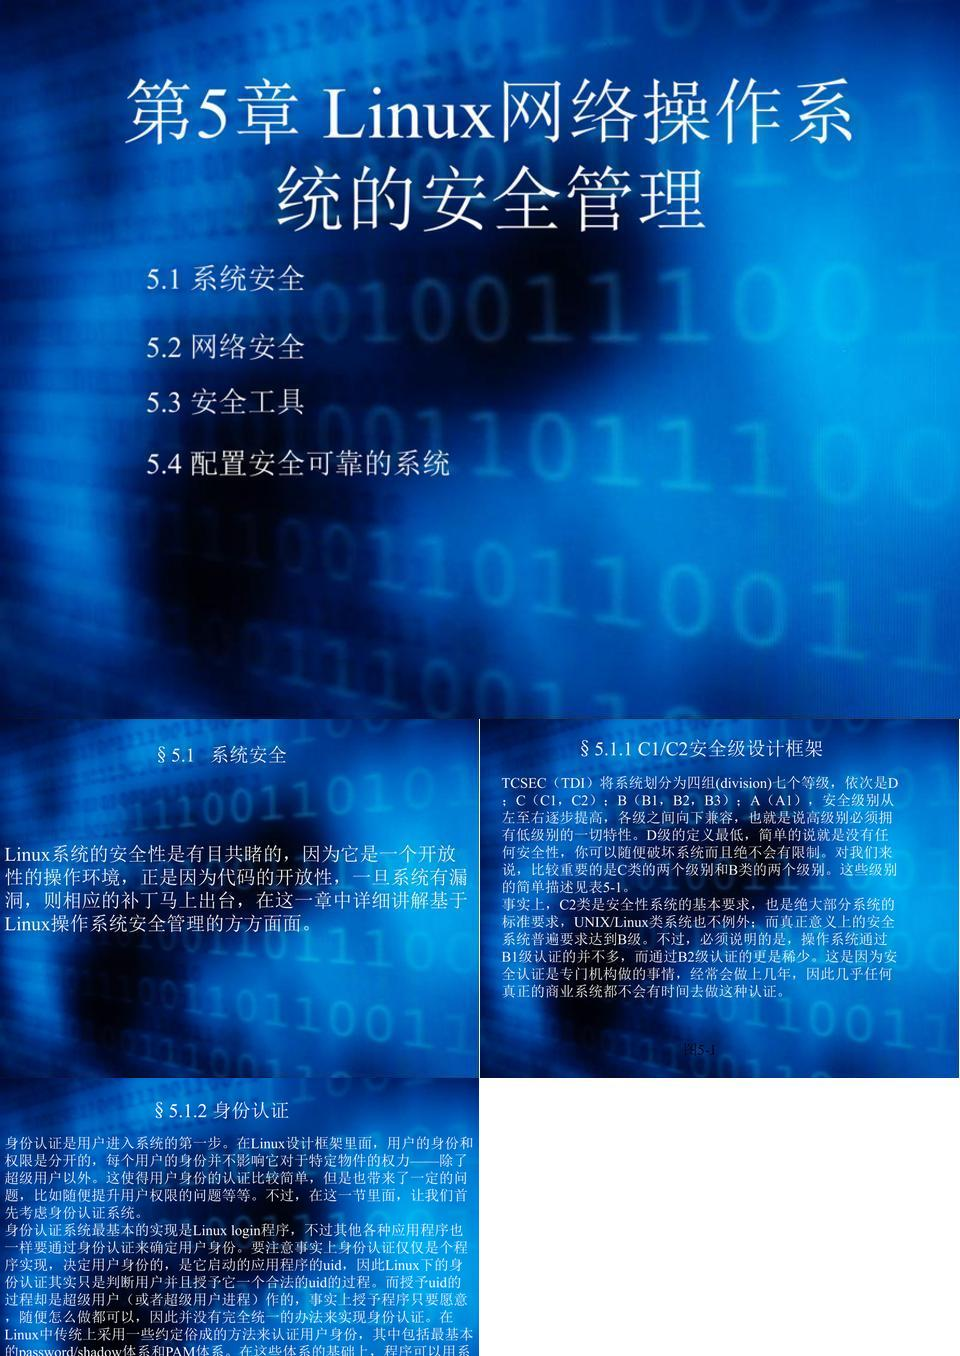 第5章 Linux网络操作系统安全管理.ppt